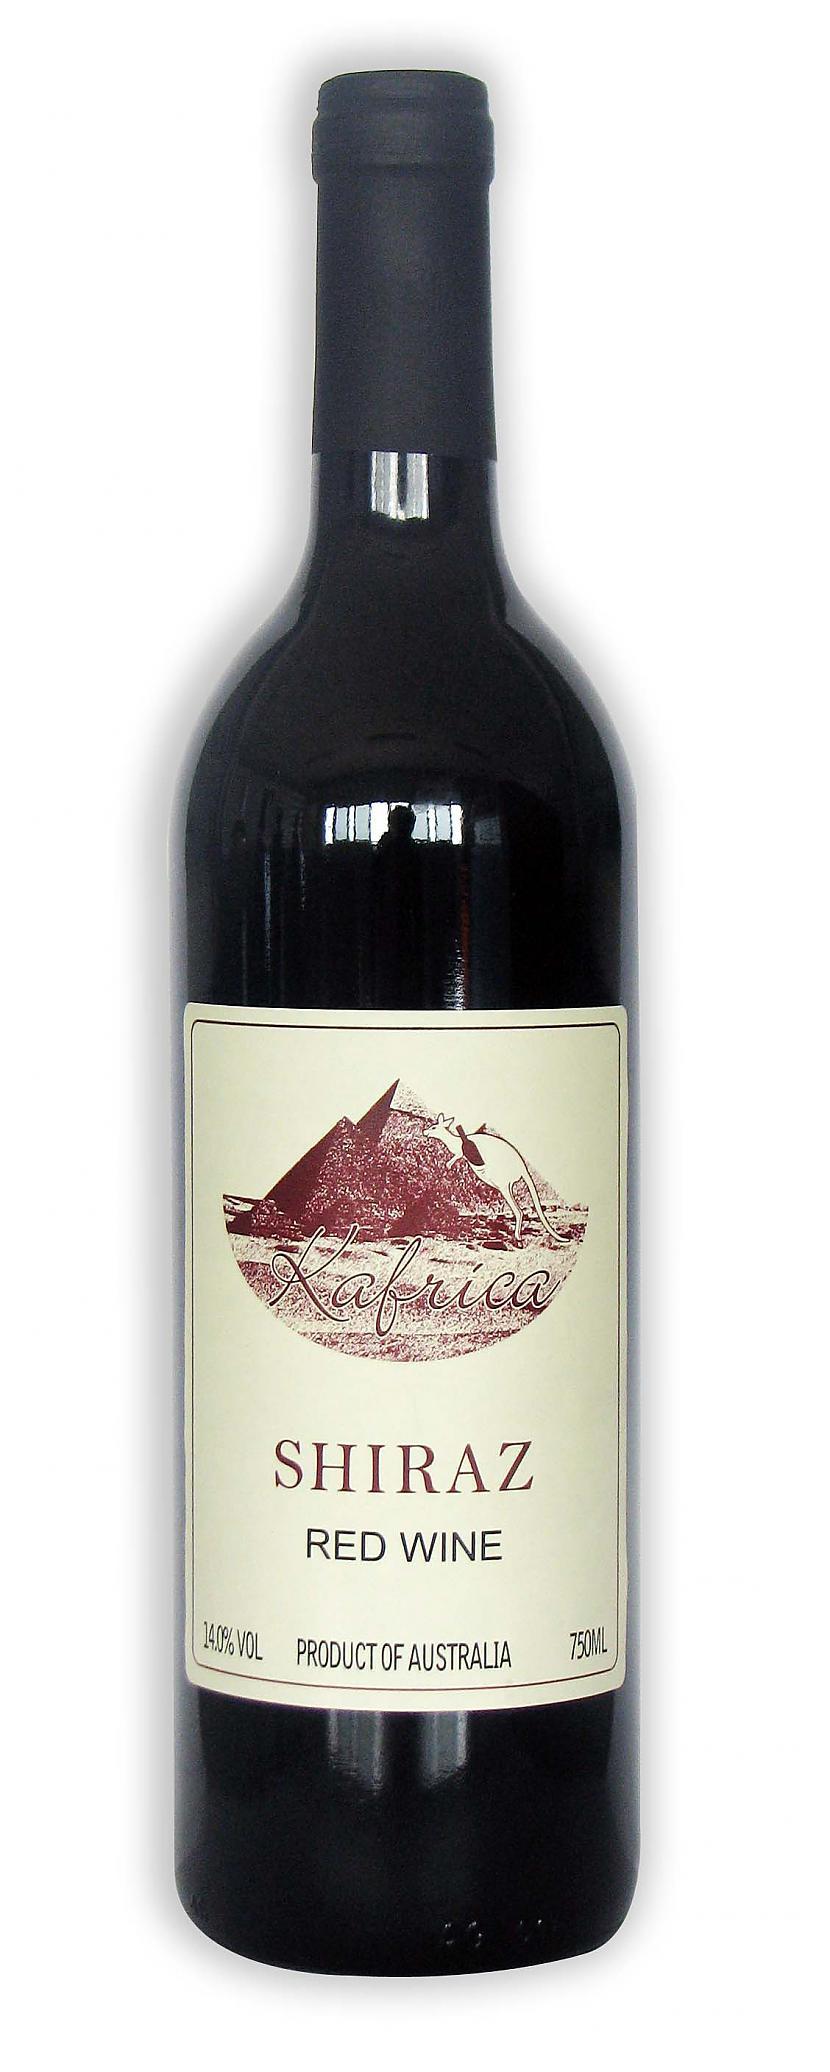 ShirazSarkanvīni kas darīti no... Autors: chupachabra Top 5 iecienītākie vīni pasaulē